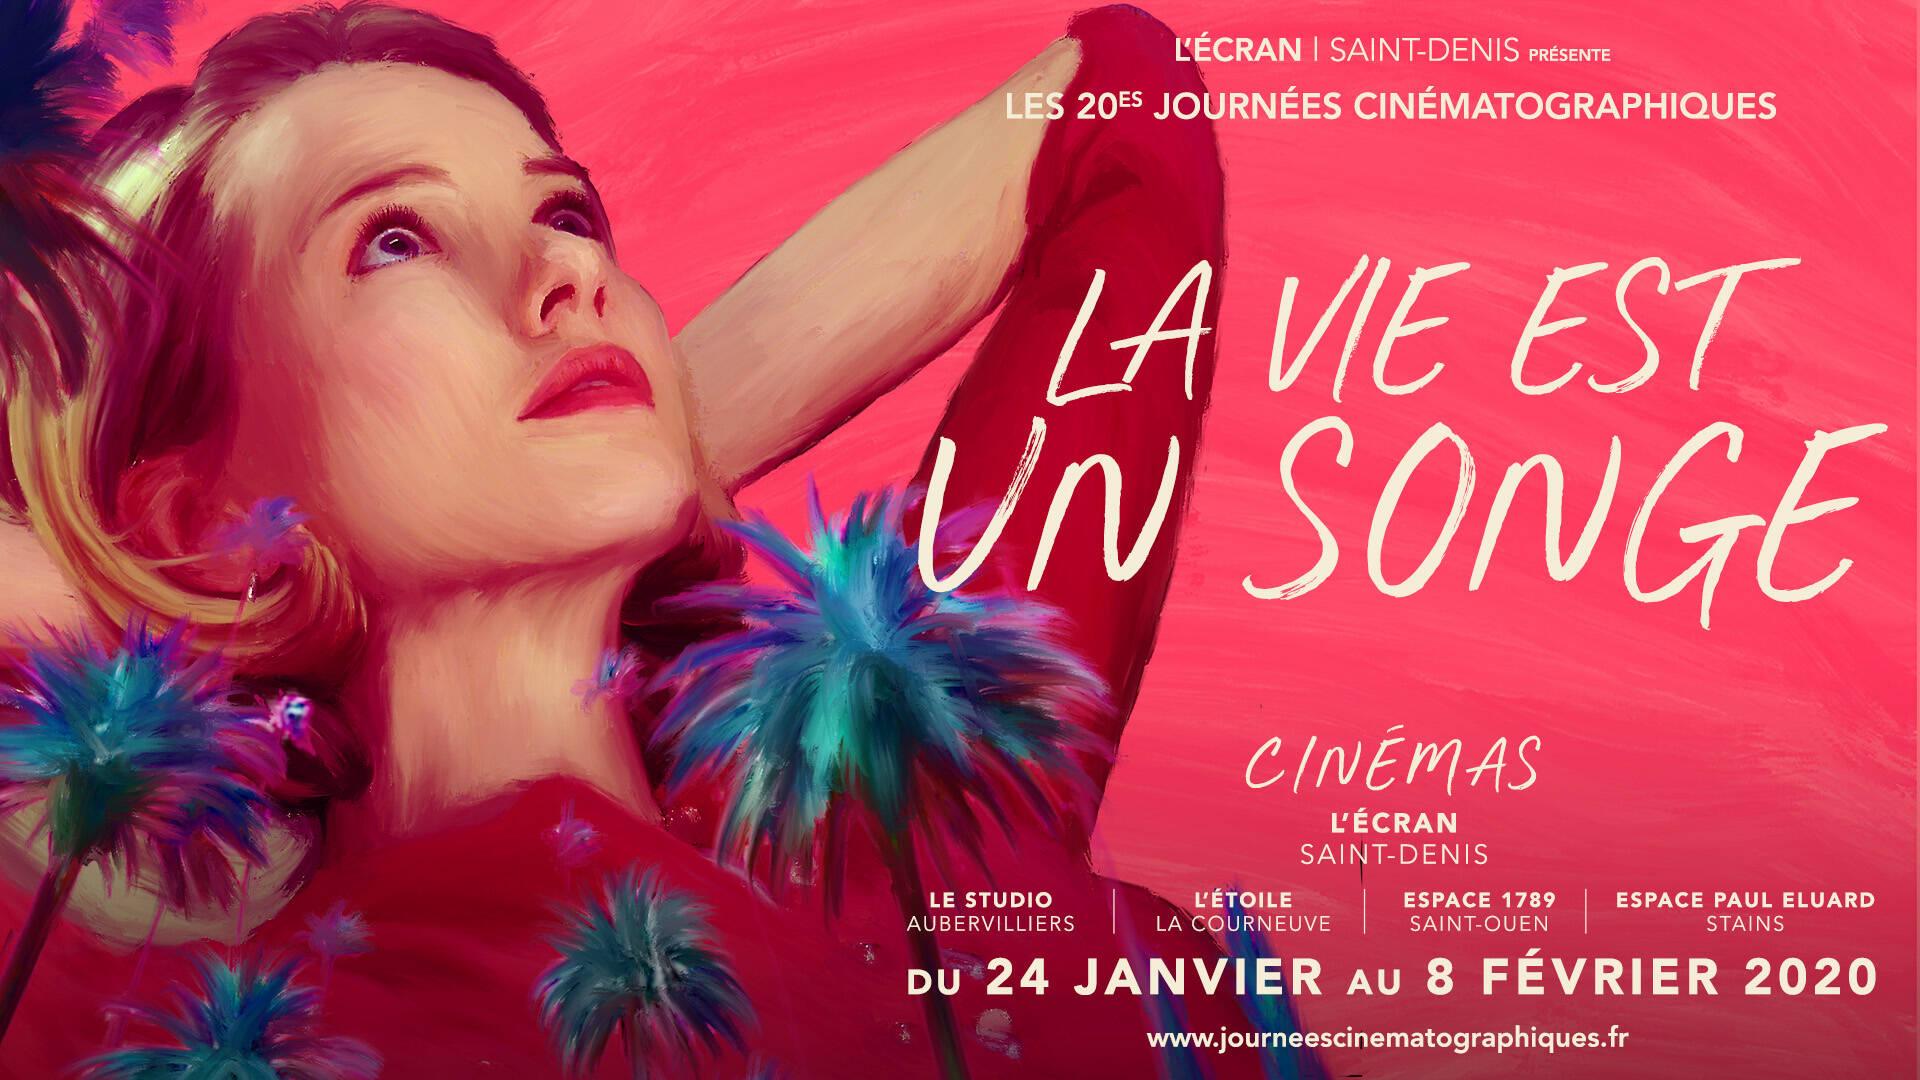 20èmes journées cinématographiques - cinéma de l'écran - Saint-Denis